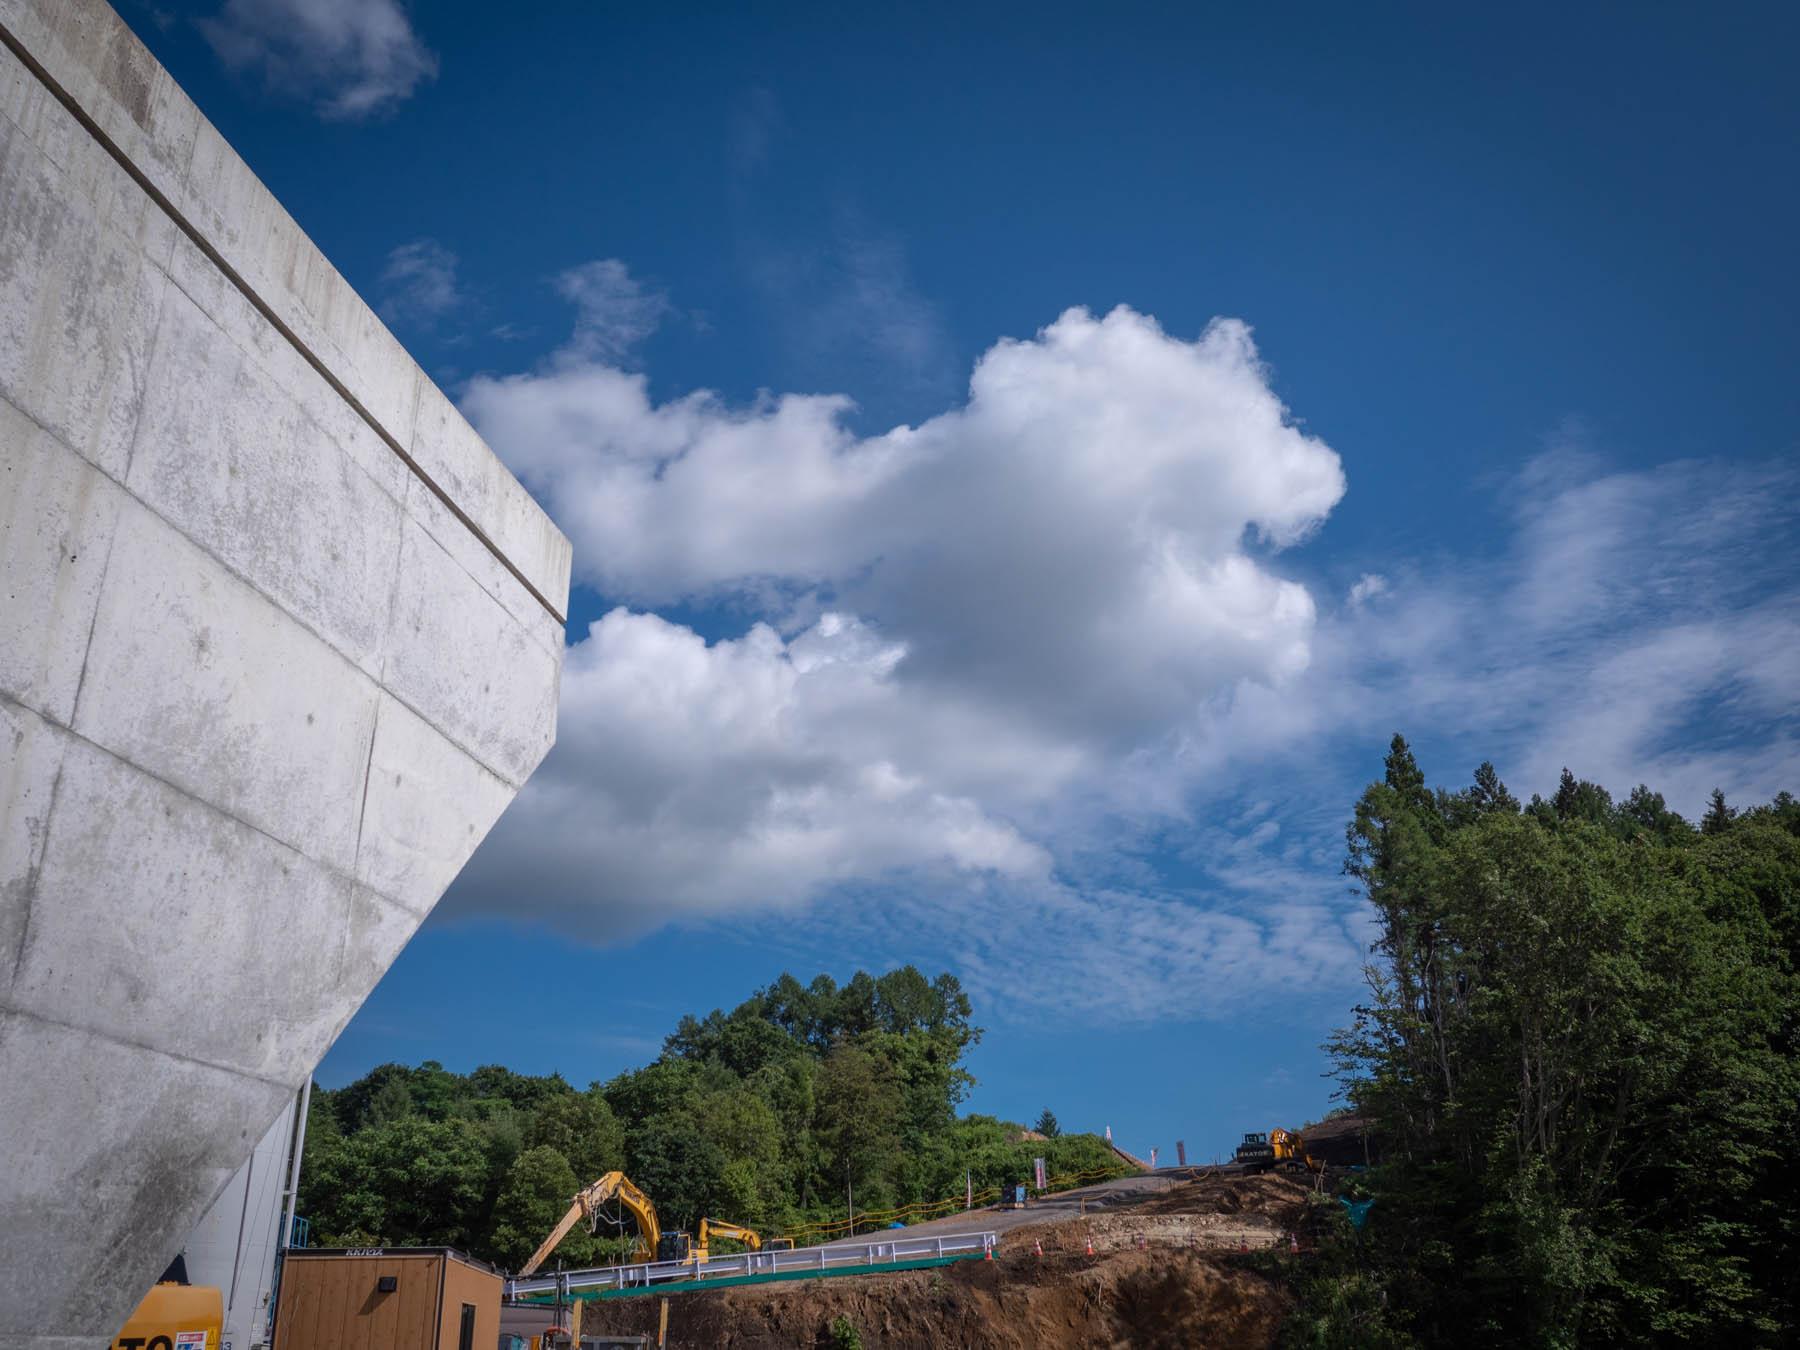 橋脚と青空と函館新環状線の工事現場